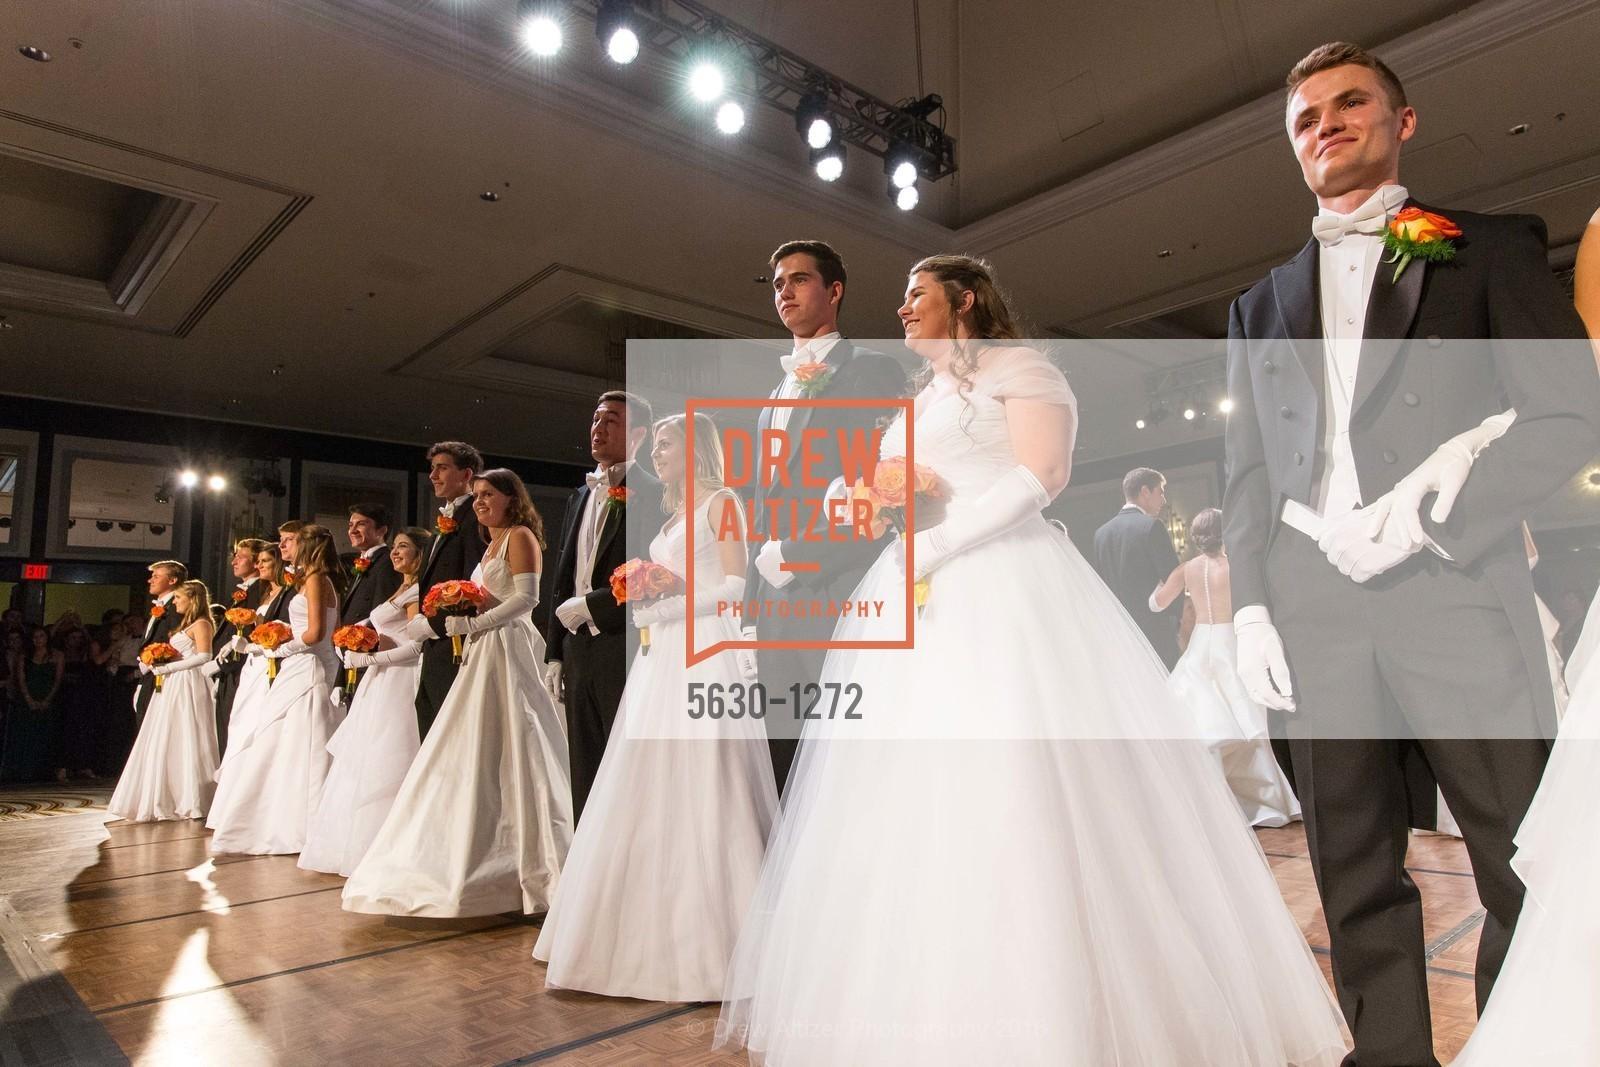 Nathaniel Farber, Ariana Denebeim, Brodie Cohen, Casey Mathews, Trevor Reinhart, Photo #5630-1272